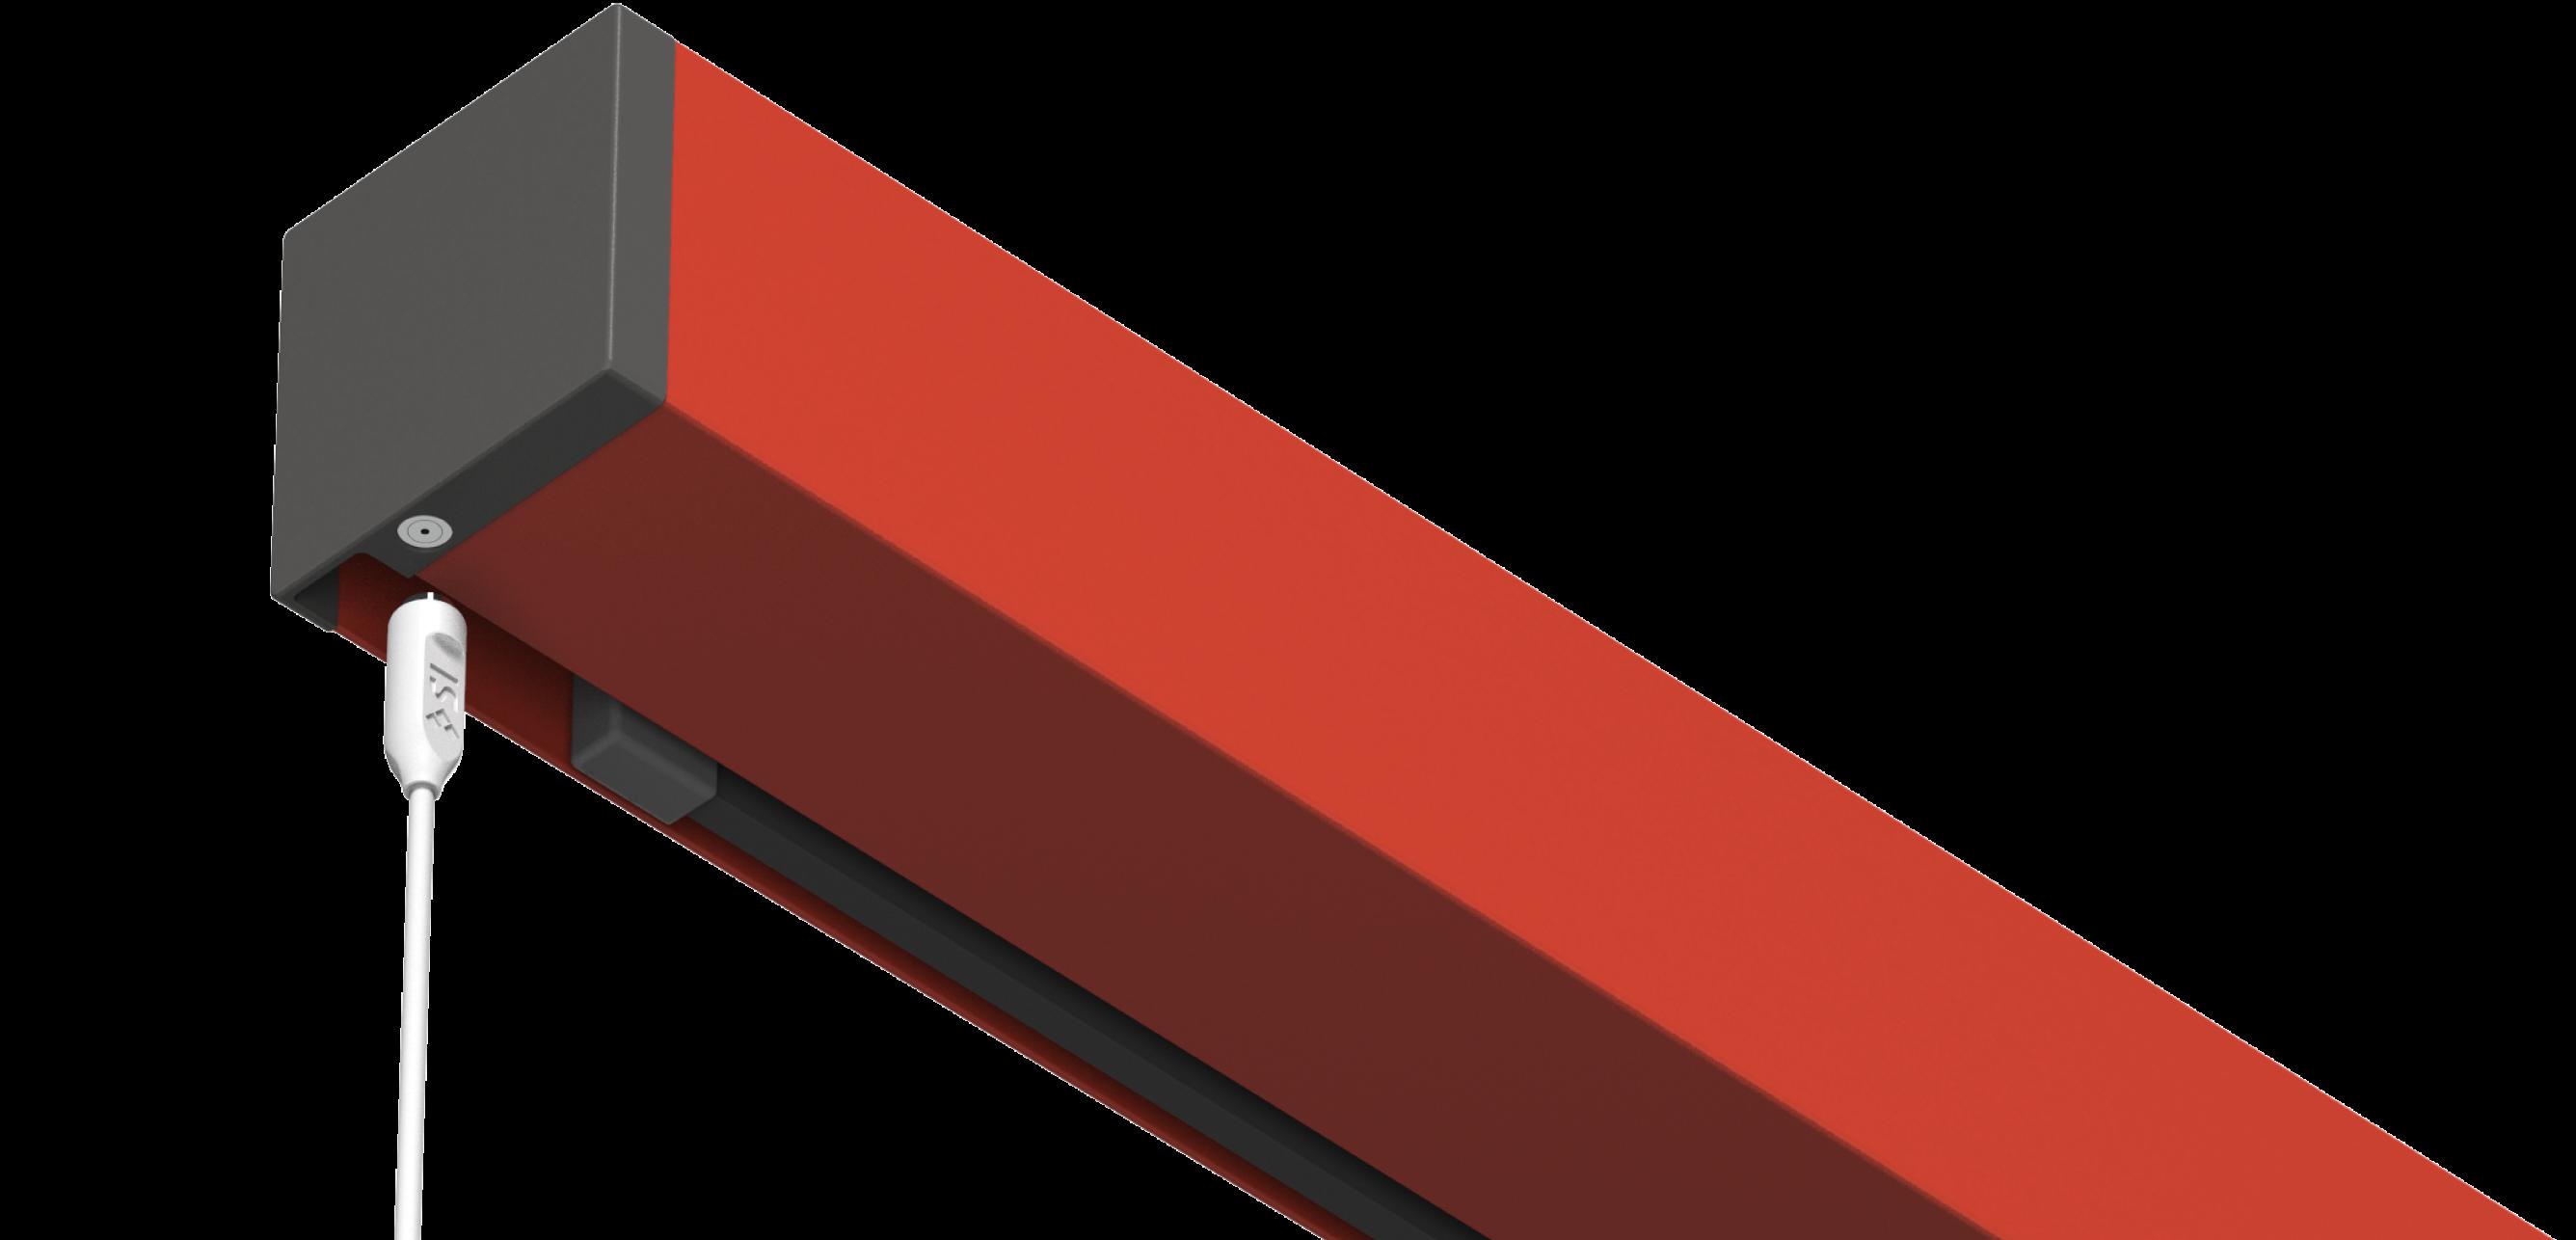 Nueva pantalla eléctrica Solo 2, la opción compacta y asequible de Screen innovations